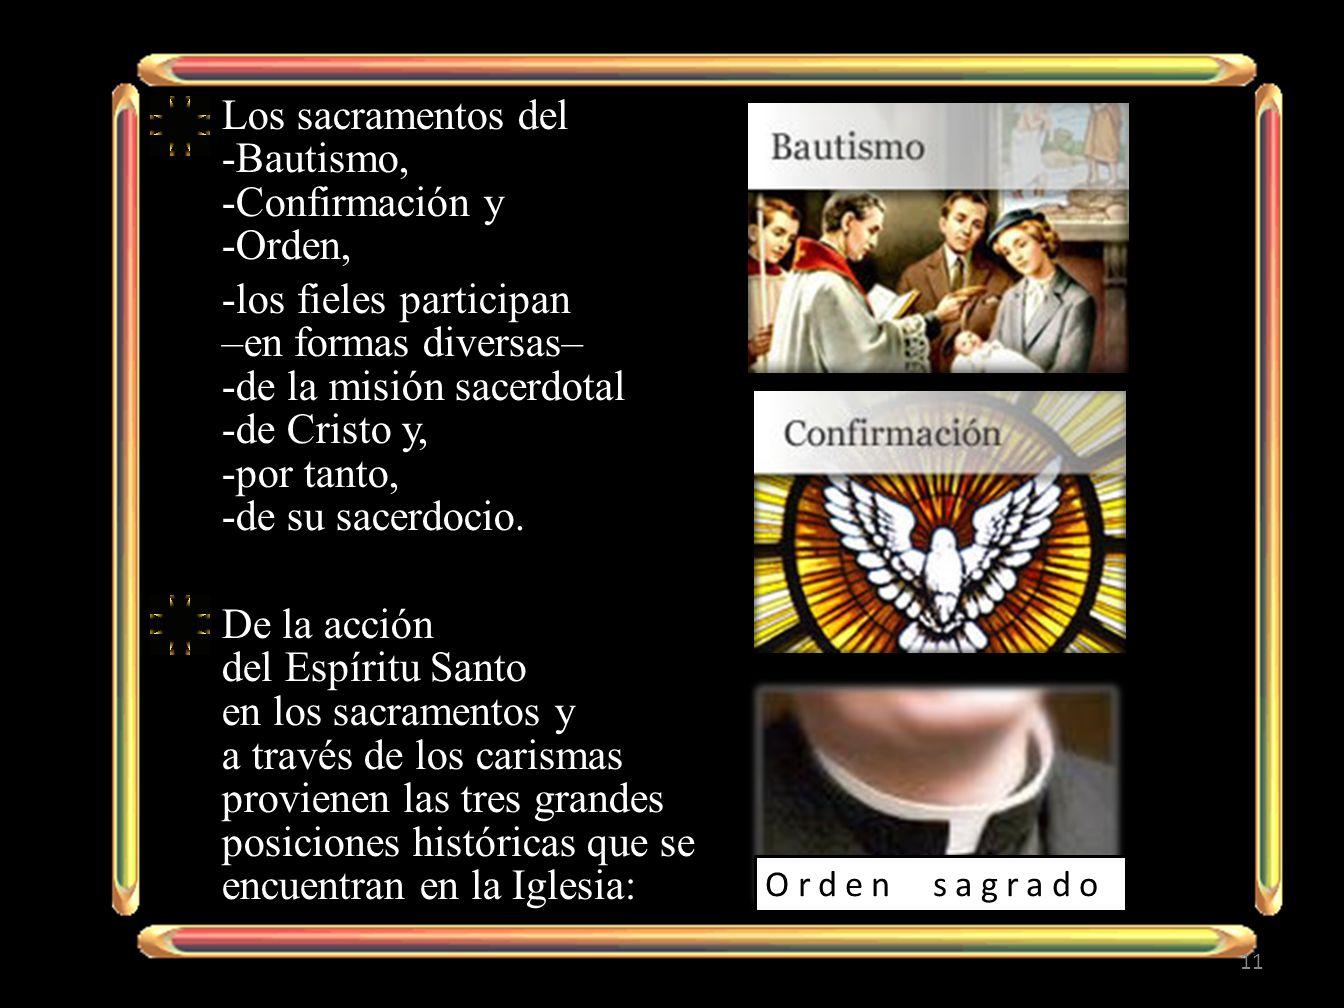 Los sacramentos del -Bautismo, -Confirmación y -Orden,